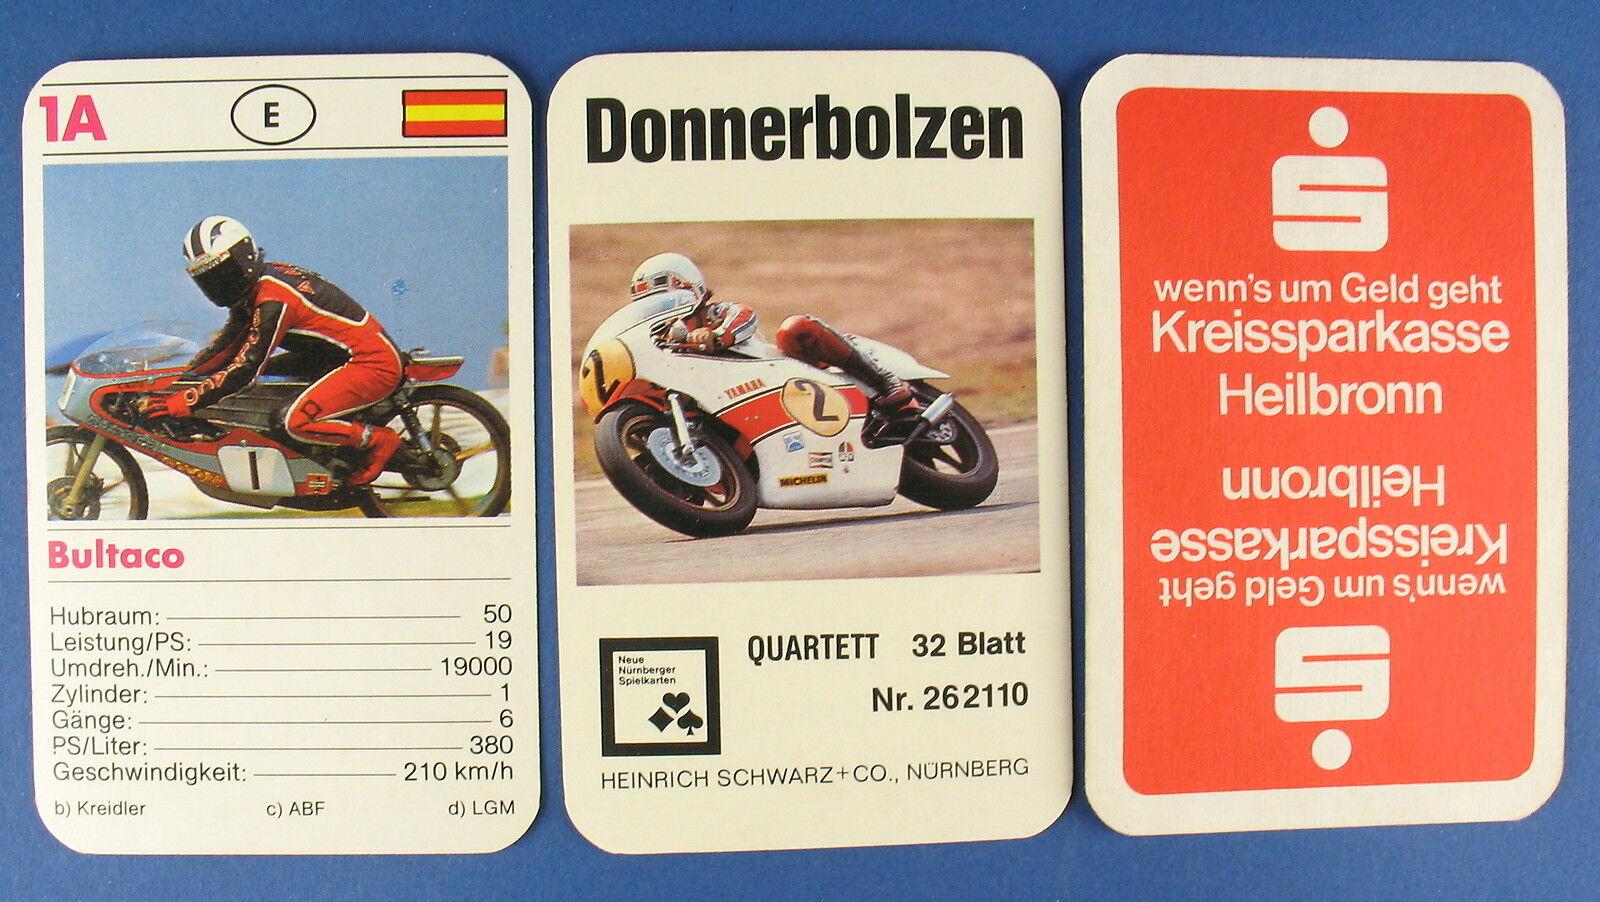 Werbe-Quartett - Donnerbolzen - Kreissparkasse Heilbronn - Nürnberger Nr. 262110